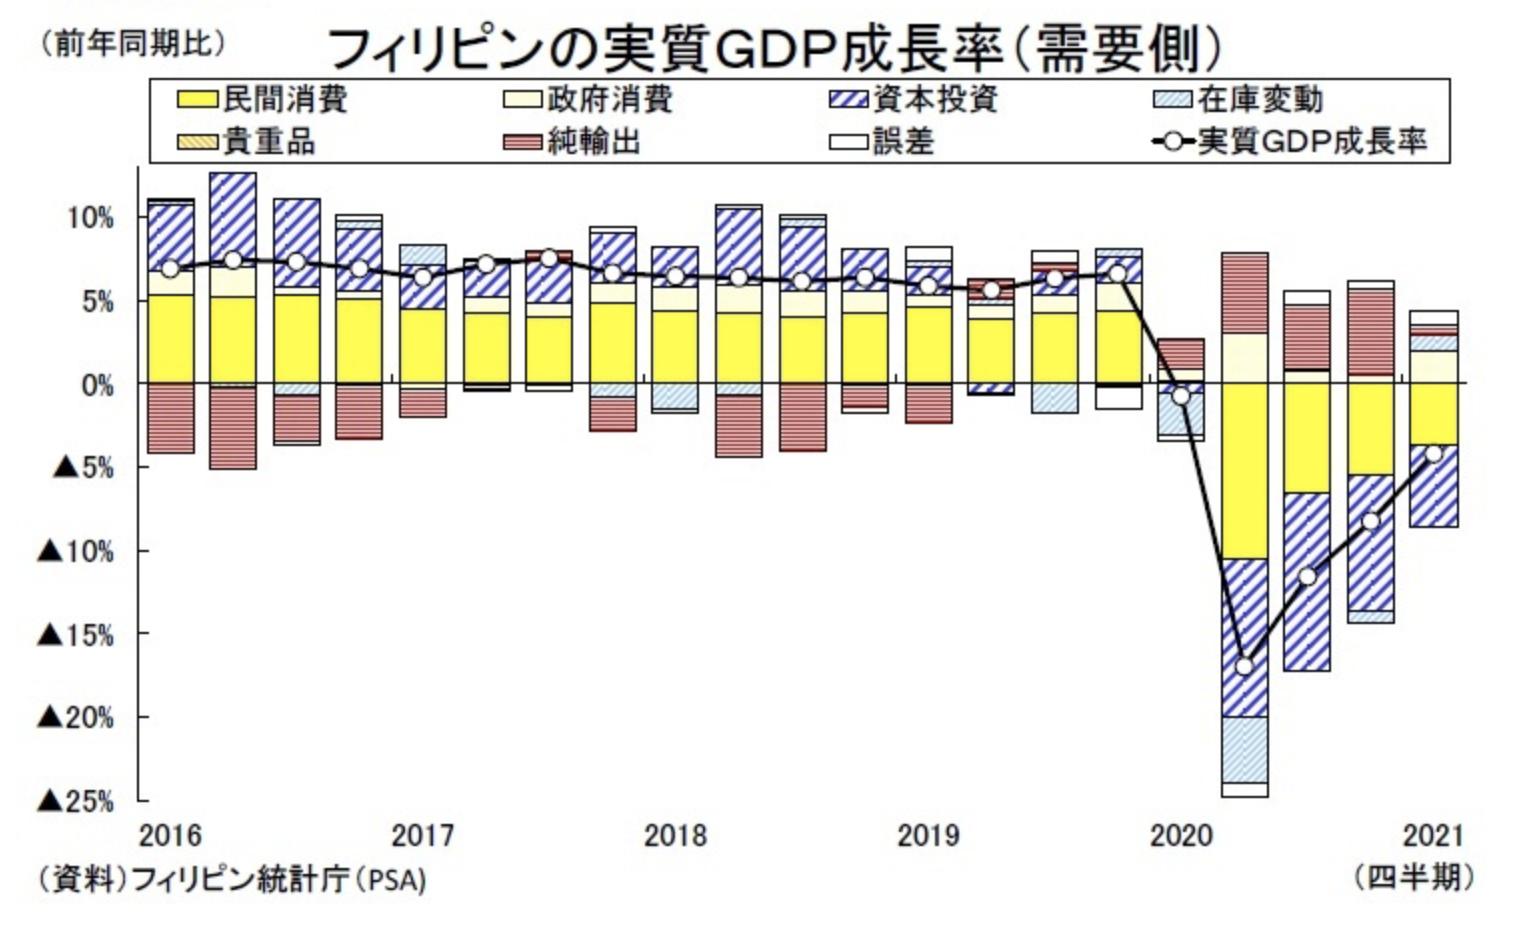 フィリピンの経済成長率の寄与度を分析